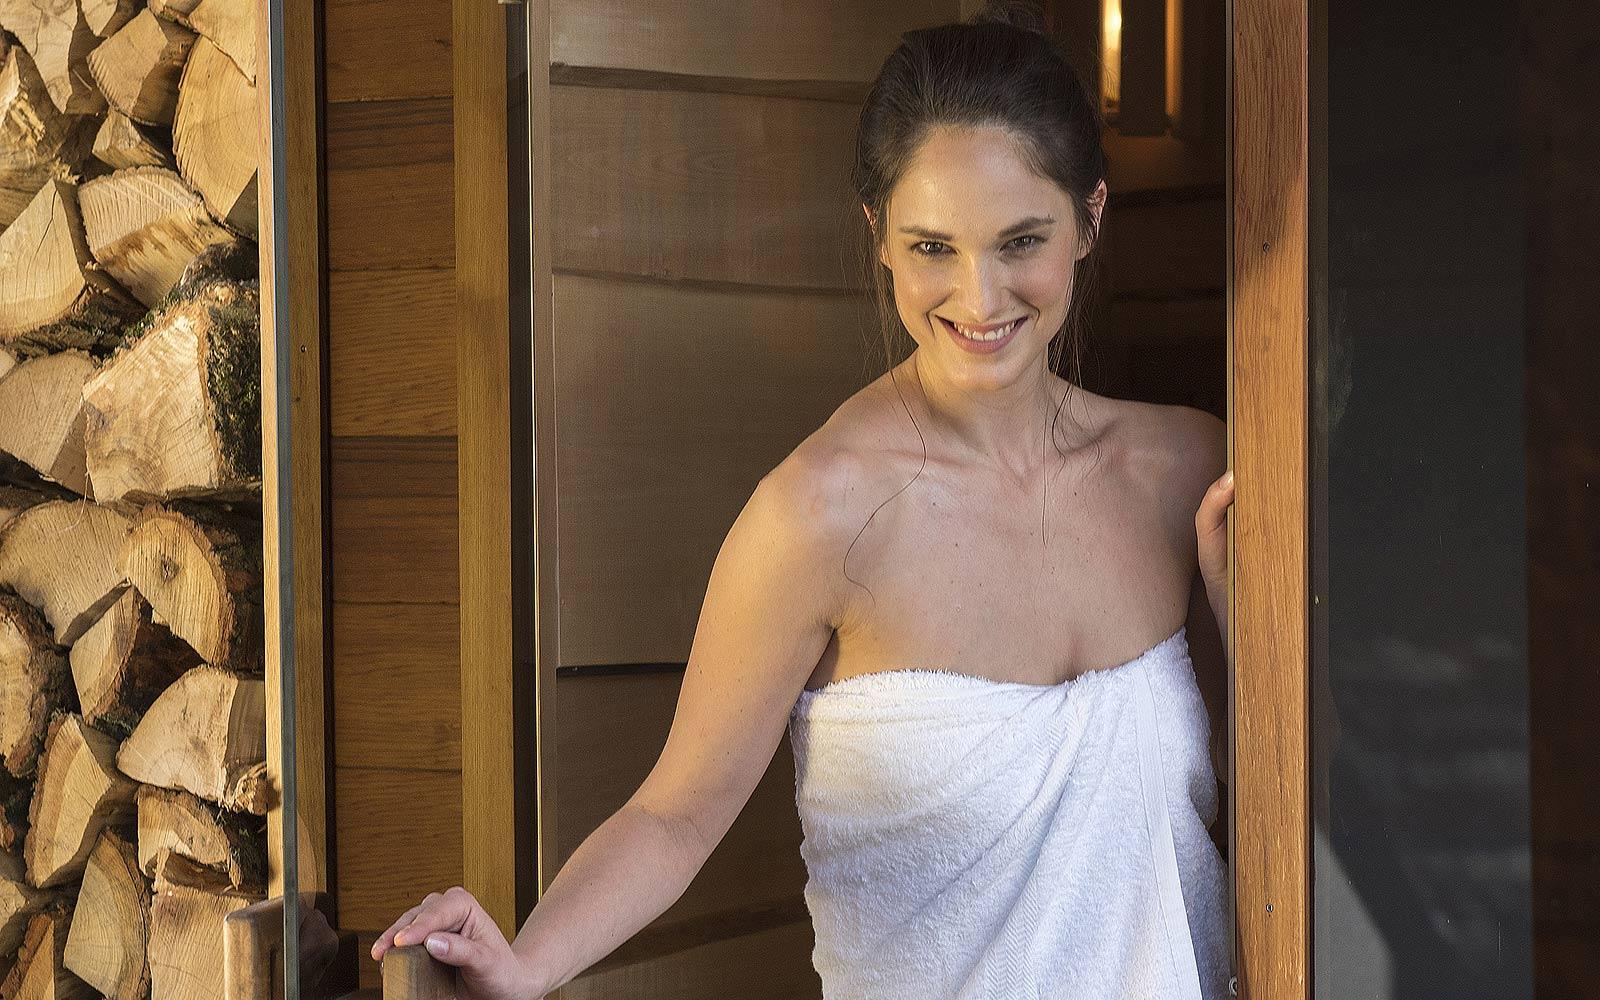 Díky sauně budete krásnější a štíhlejší